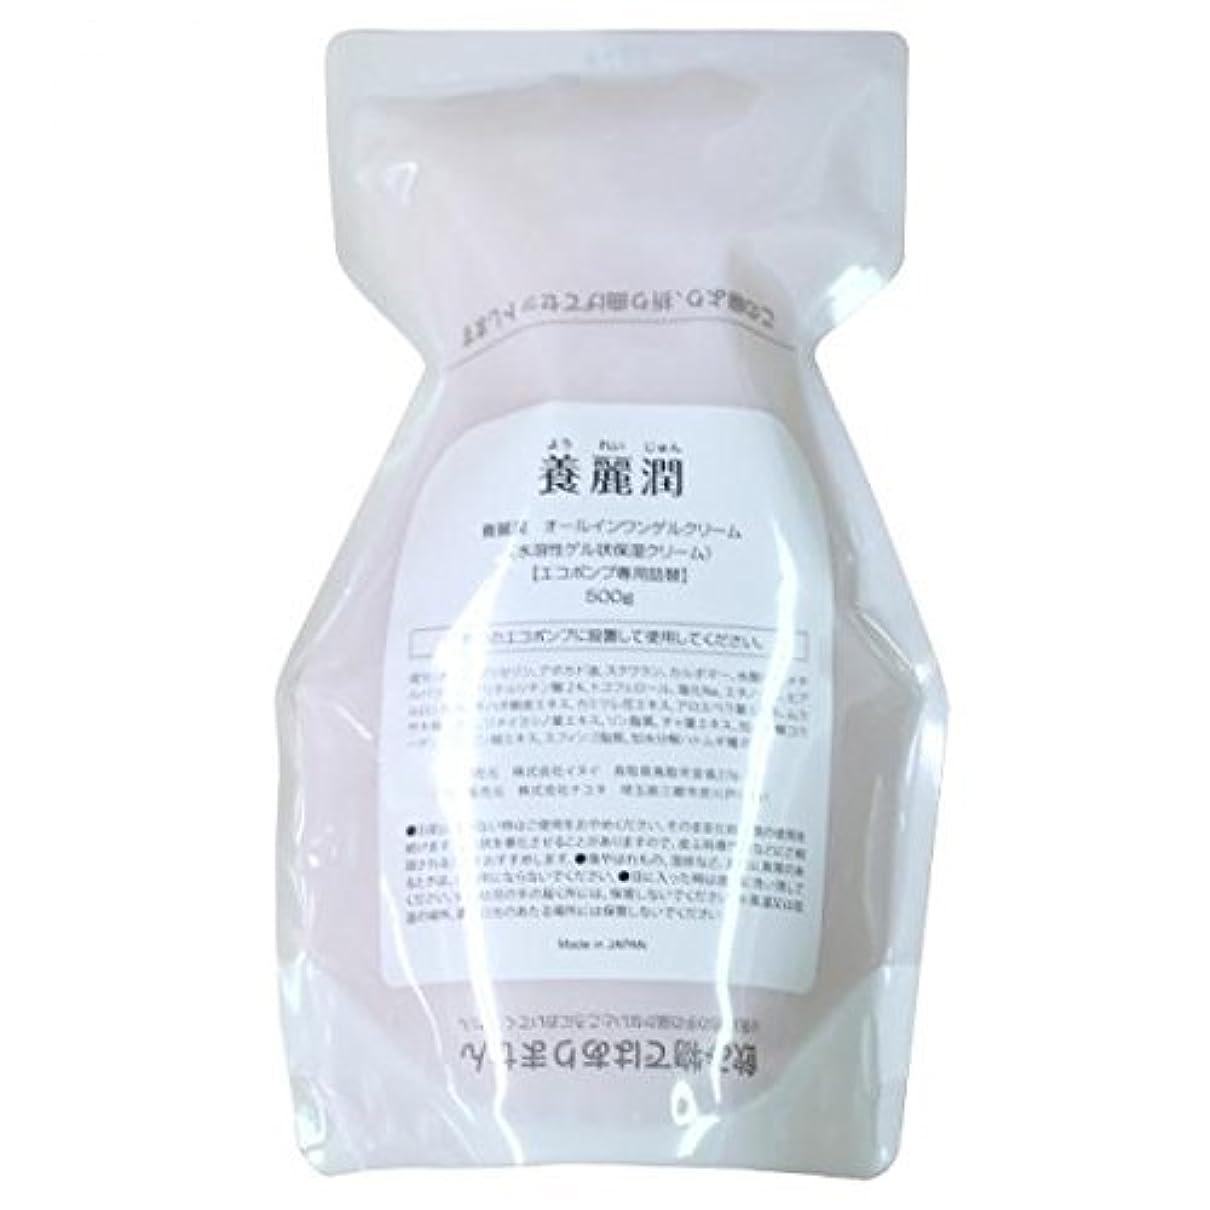 フェローシップメイエラブート養麗潤(ようれいじゅん) 詰め替え用500g